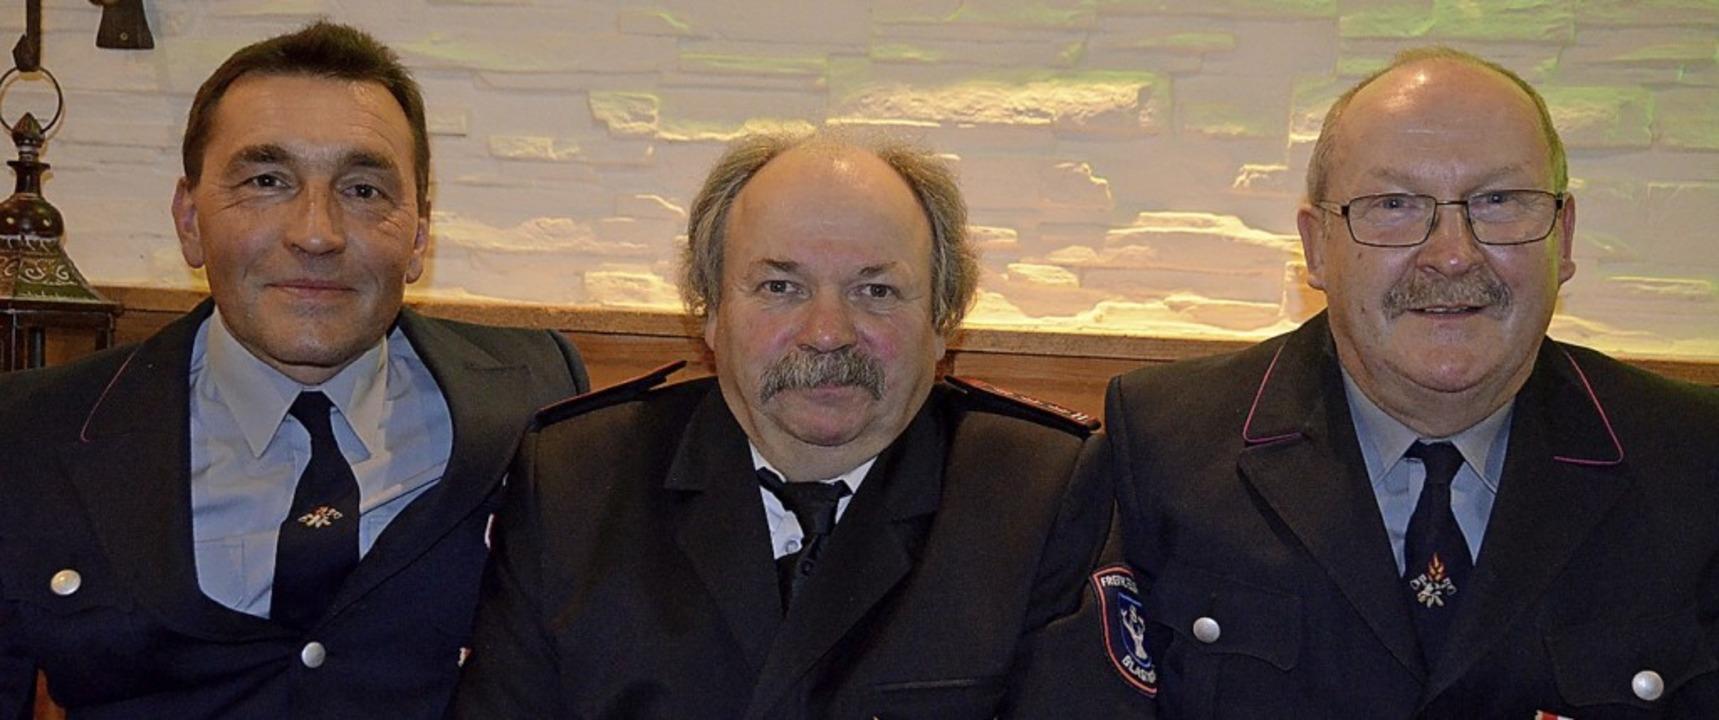 Seit 40 Jahren stehen Harald Modispach...(von links) im Dienst  der Feuerwehr.     Foto: Christiane Sahli